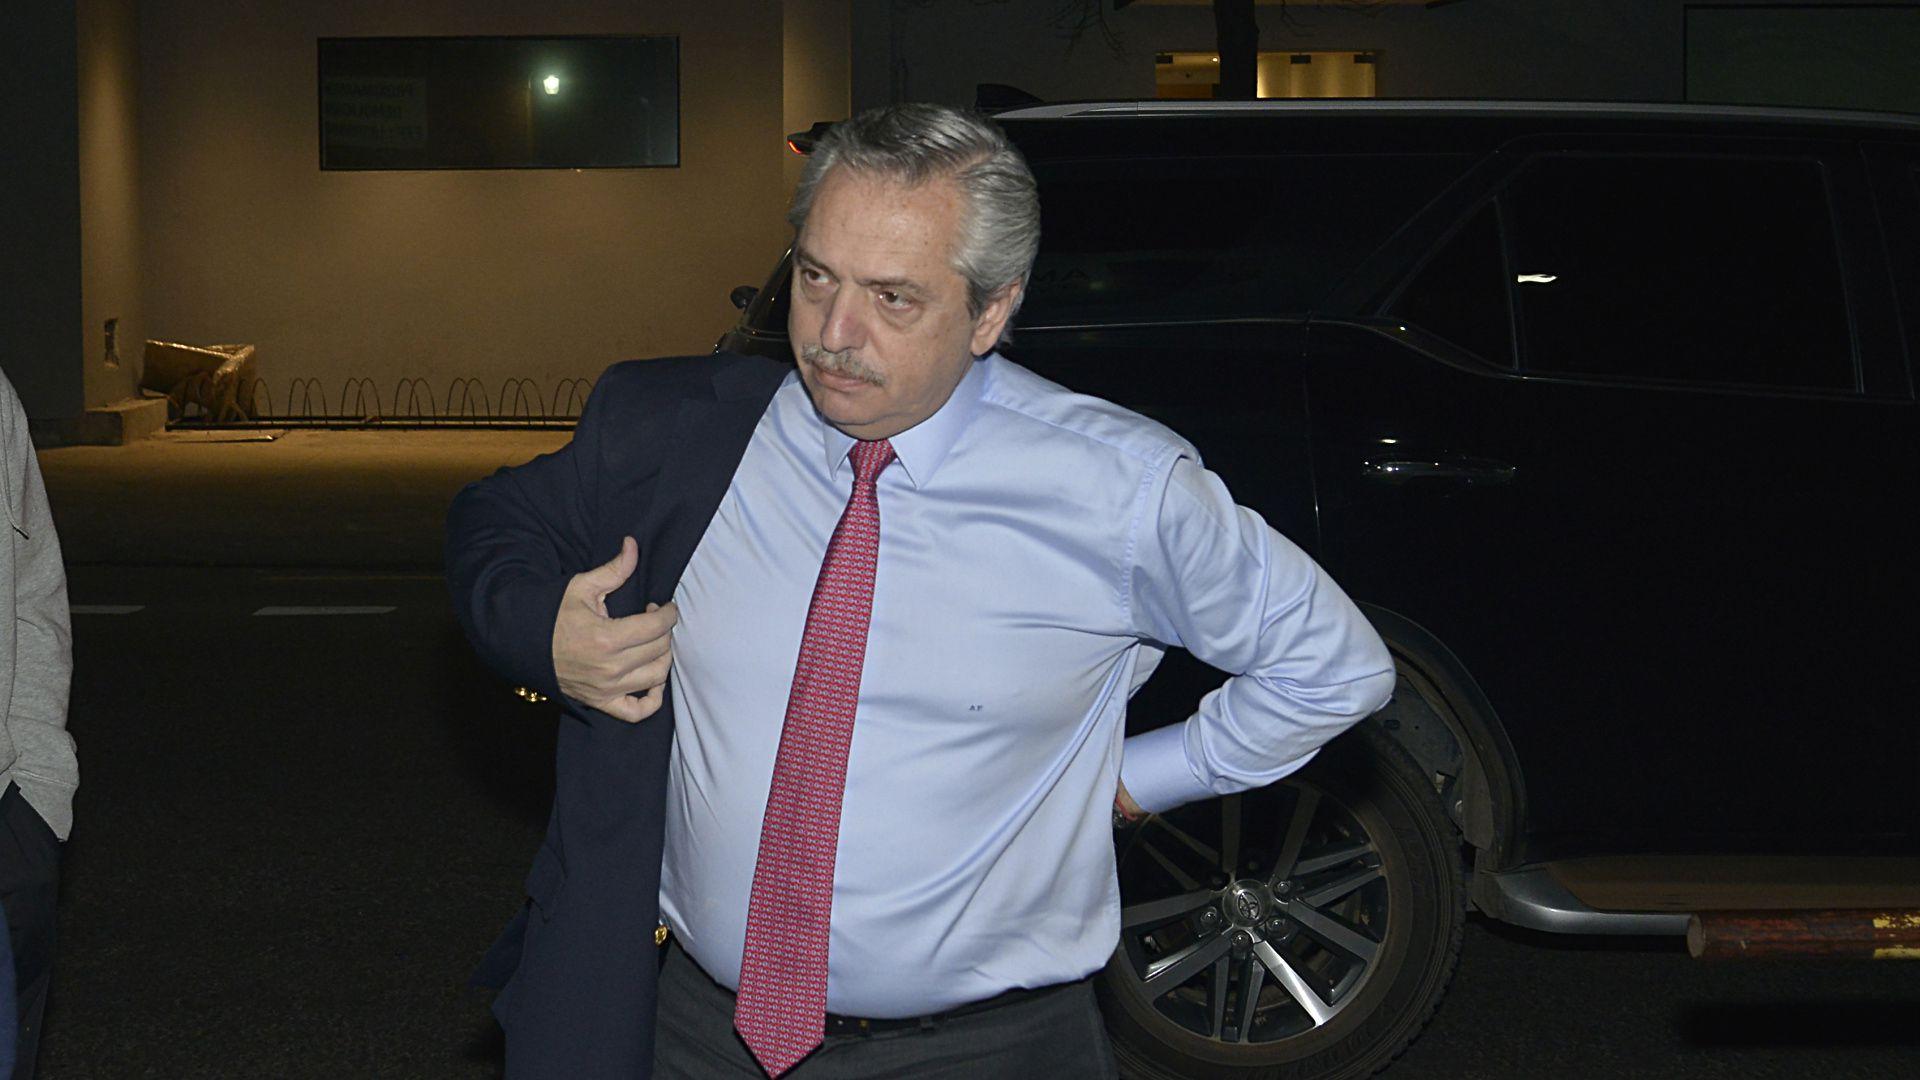 Alberto Fernández, candidato a presidente del Frente de Todos (Gustavo Gavotti)